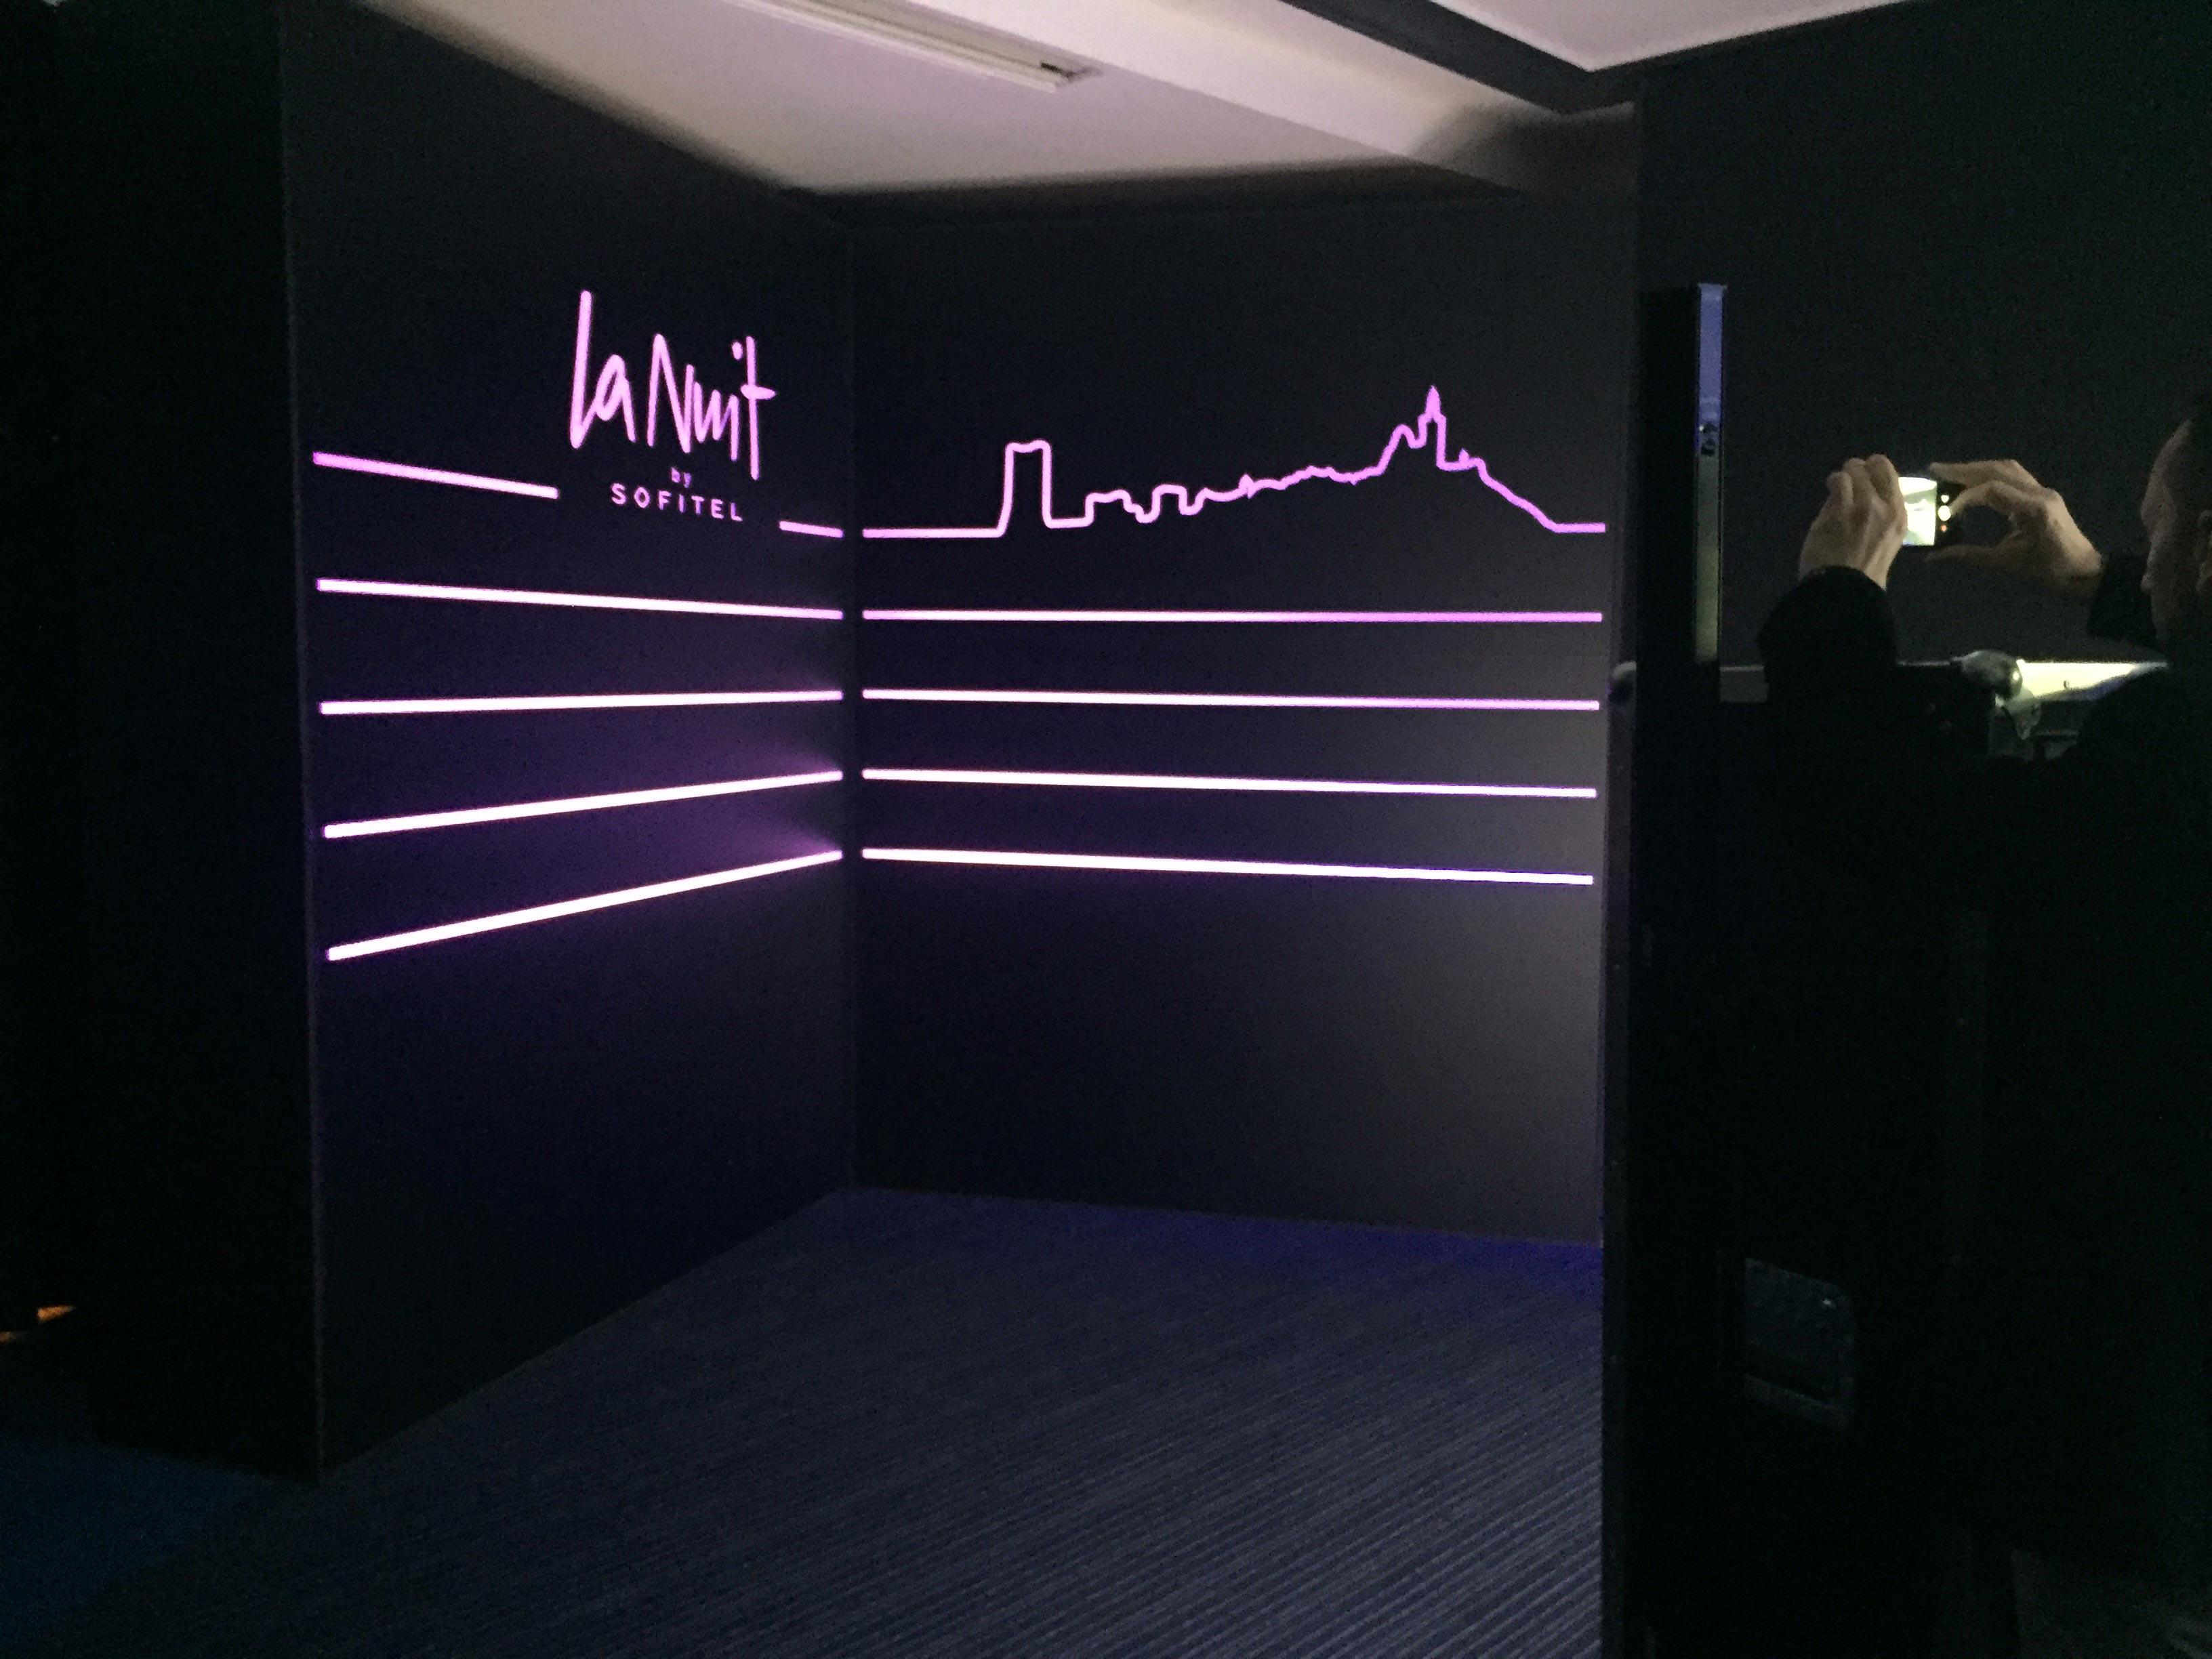 -la-nuit-by-sofitel-Dantès-Skylounge-marseille-led-lumiere-habillage-experience-clients-aucop